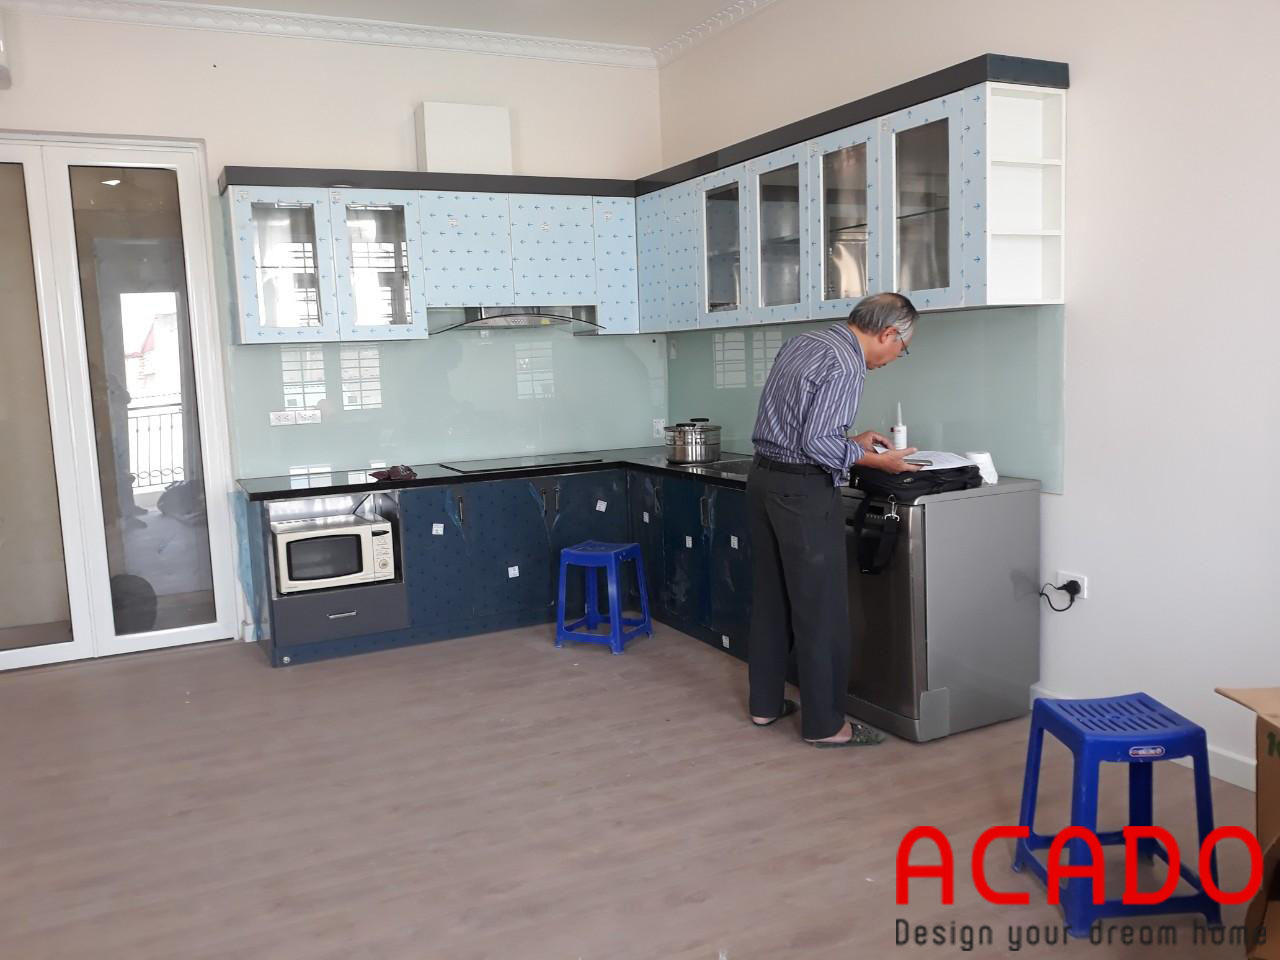 Tủ bếp thùng inox cánh Acrylic kính bếp màu xanh trắng - công trình ACADO thi công tại gia đình chú Khu - Thái Hà